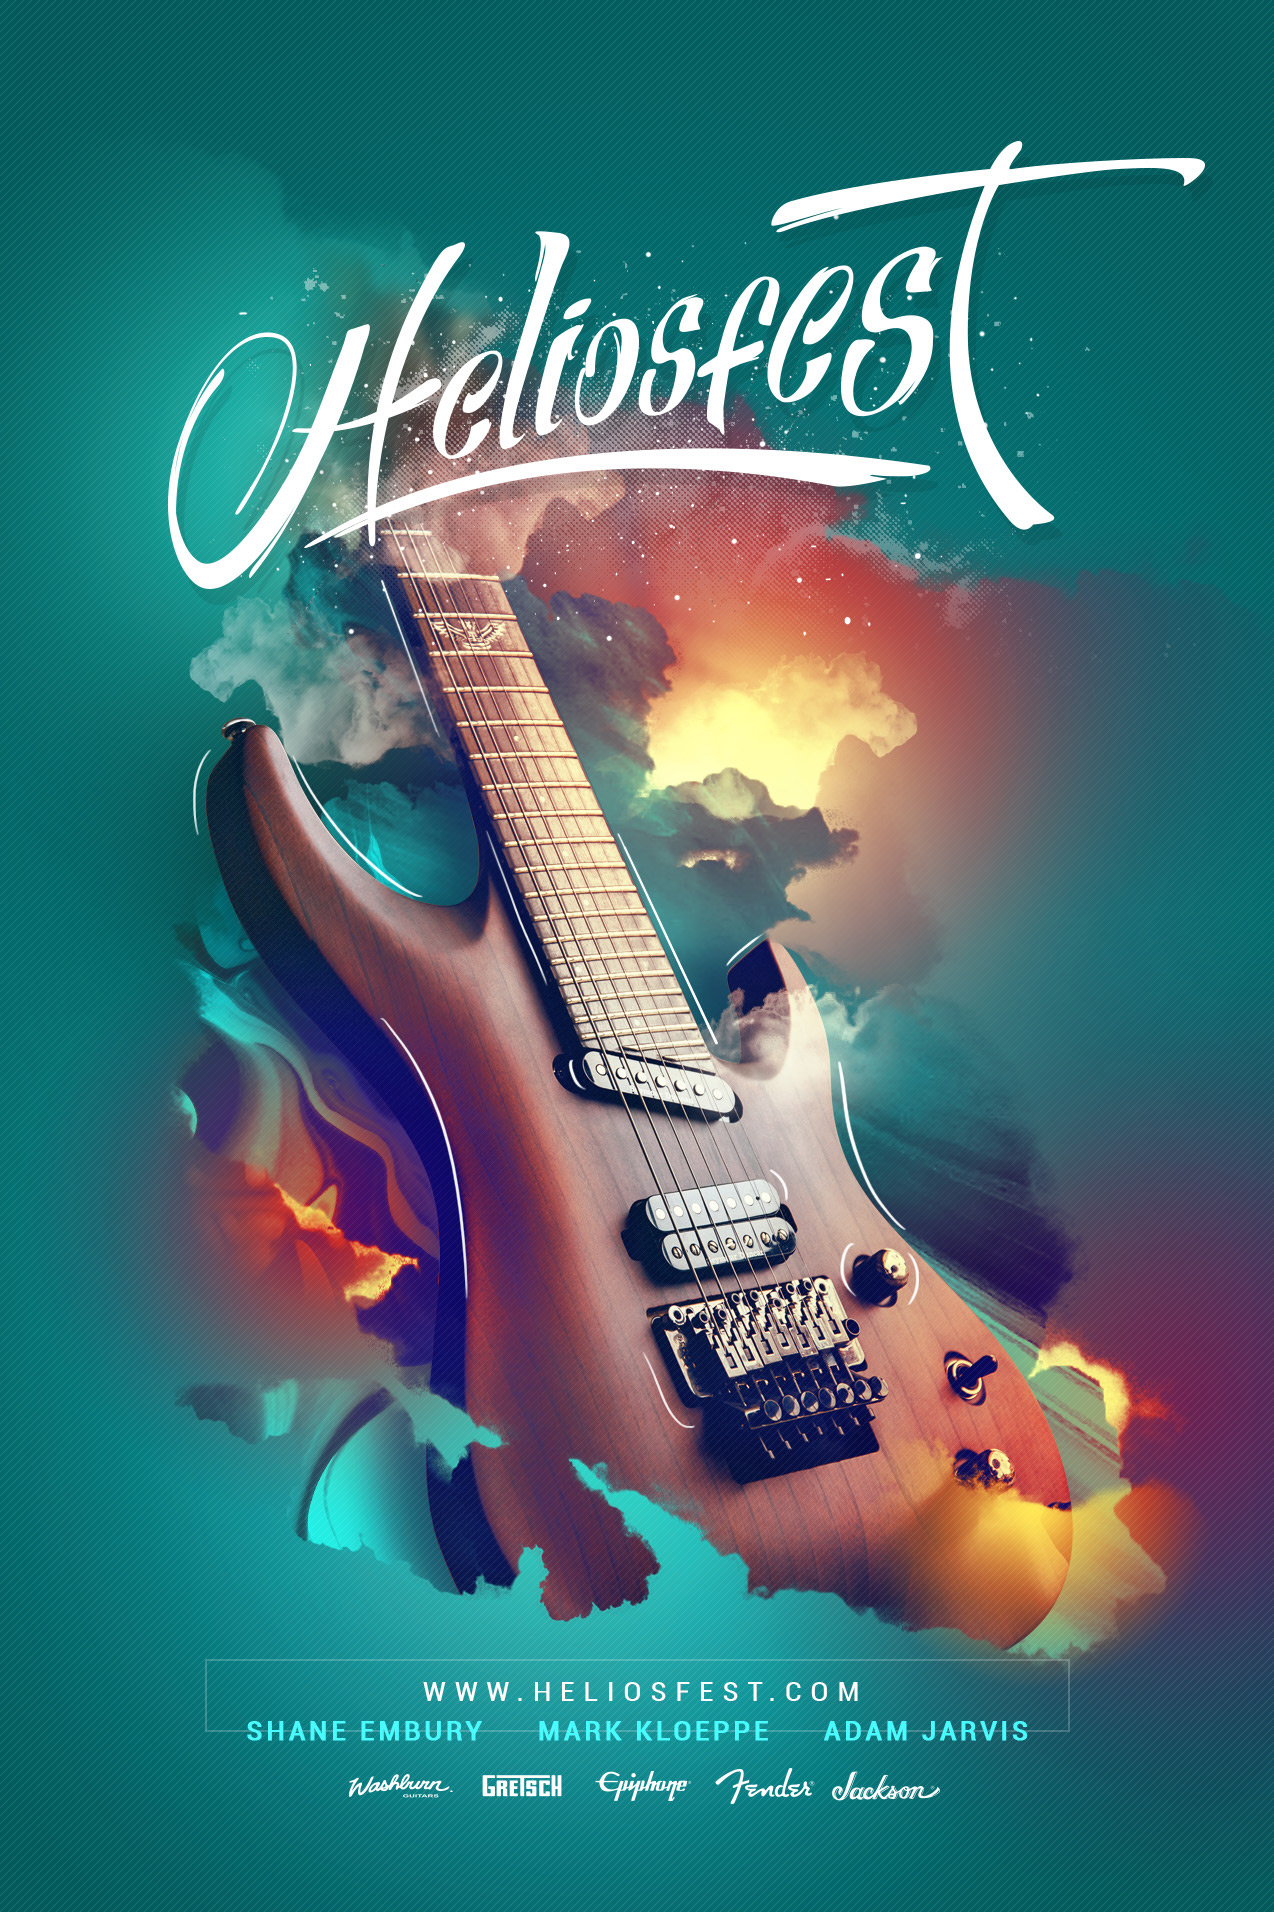 Fotografía Publicitaria Cali Poster Heliosfest